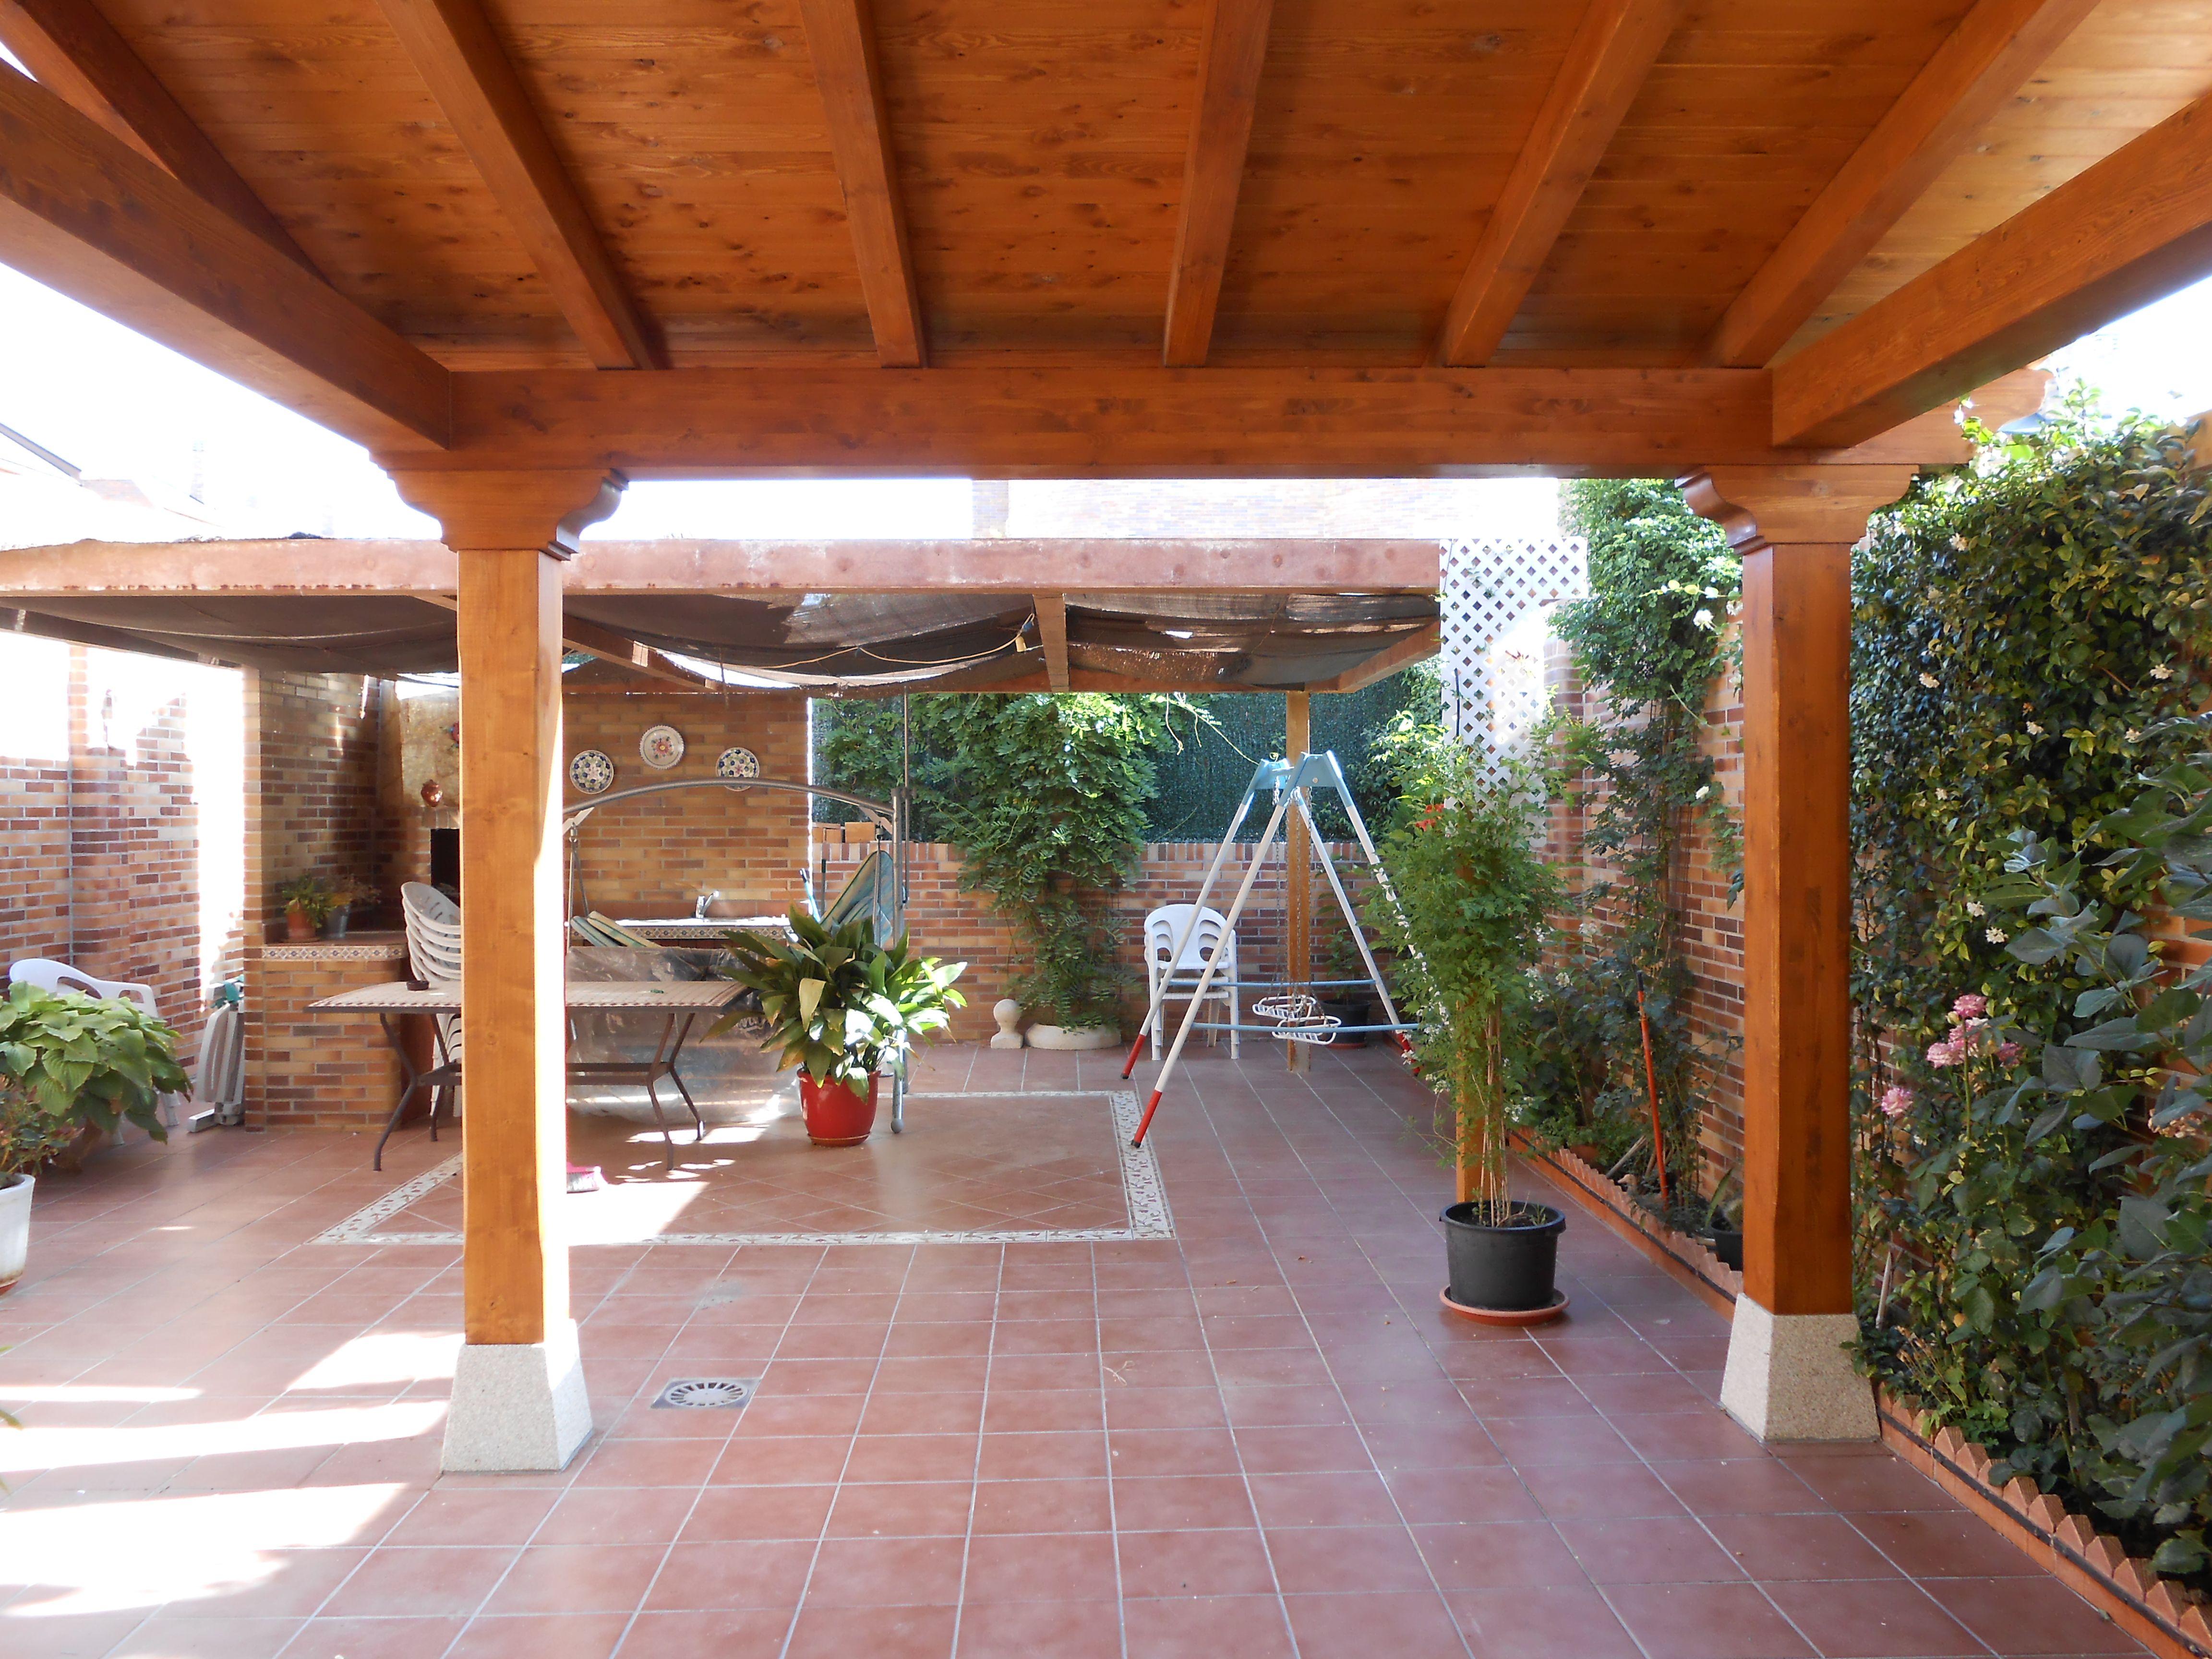 Porche de madera porches porches p rgolas cubiertas - Madera para porches ...